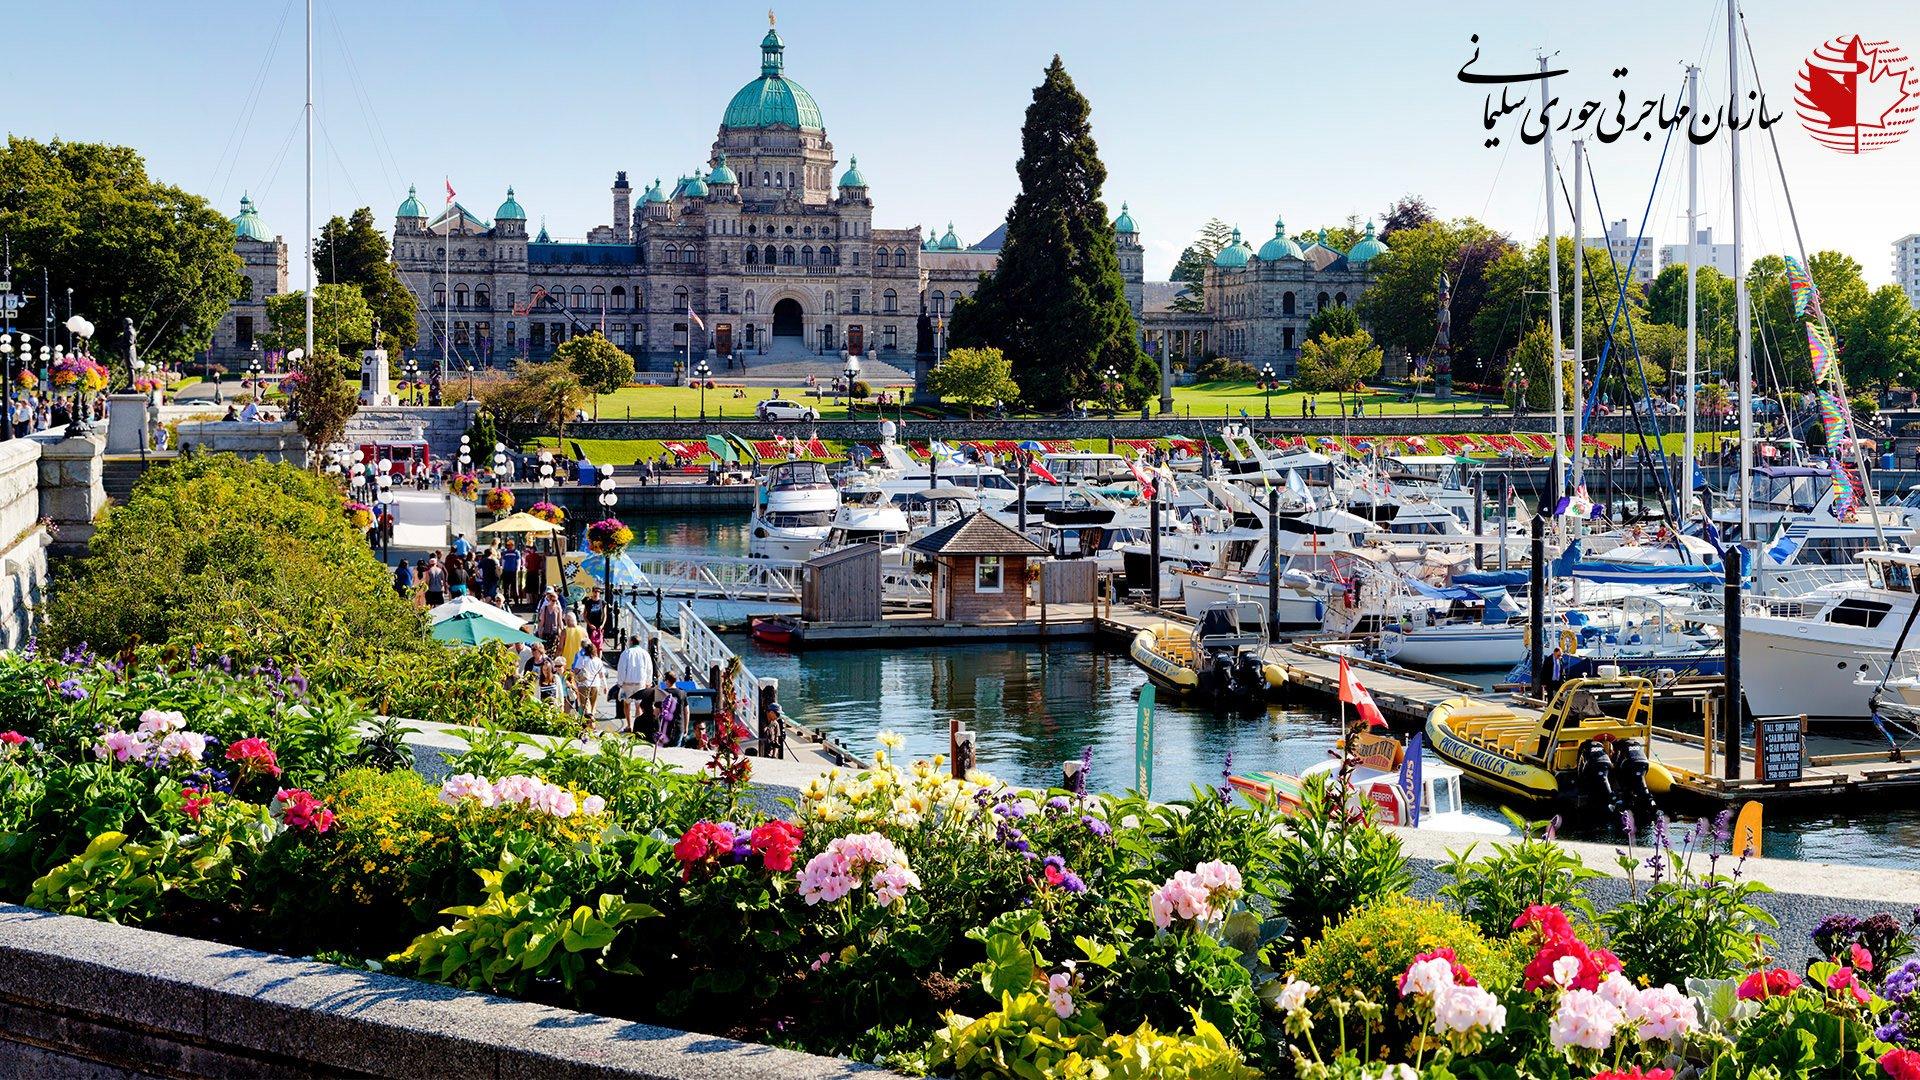 مهمان نوازترین شهرهای کانادا